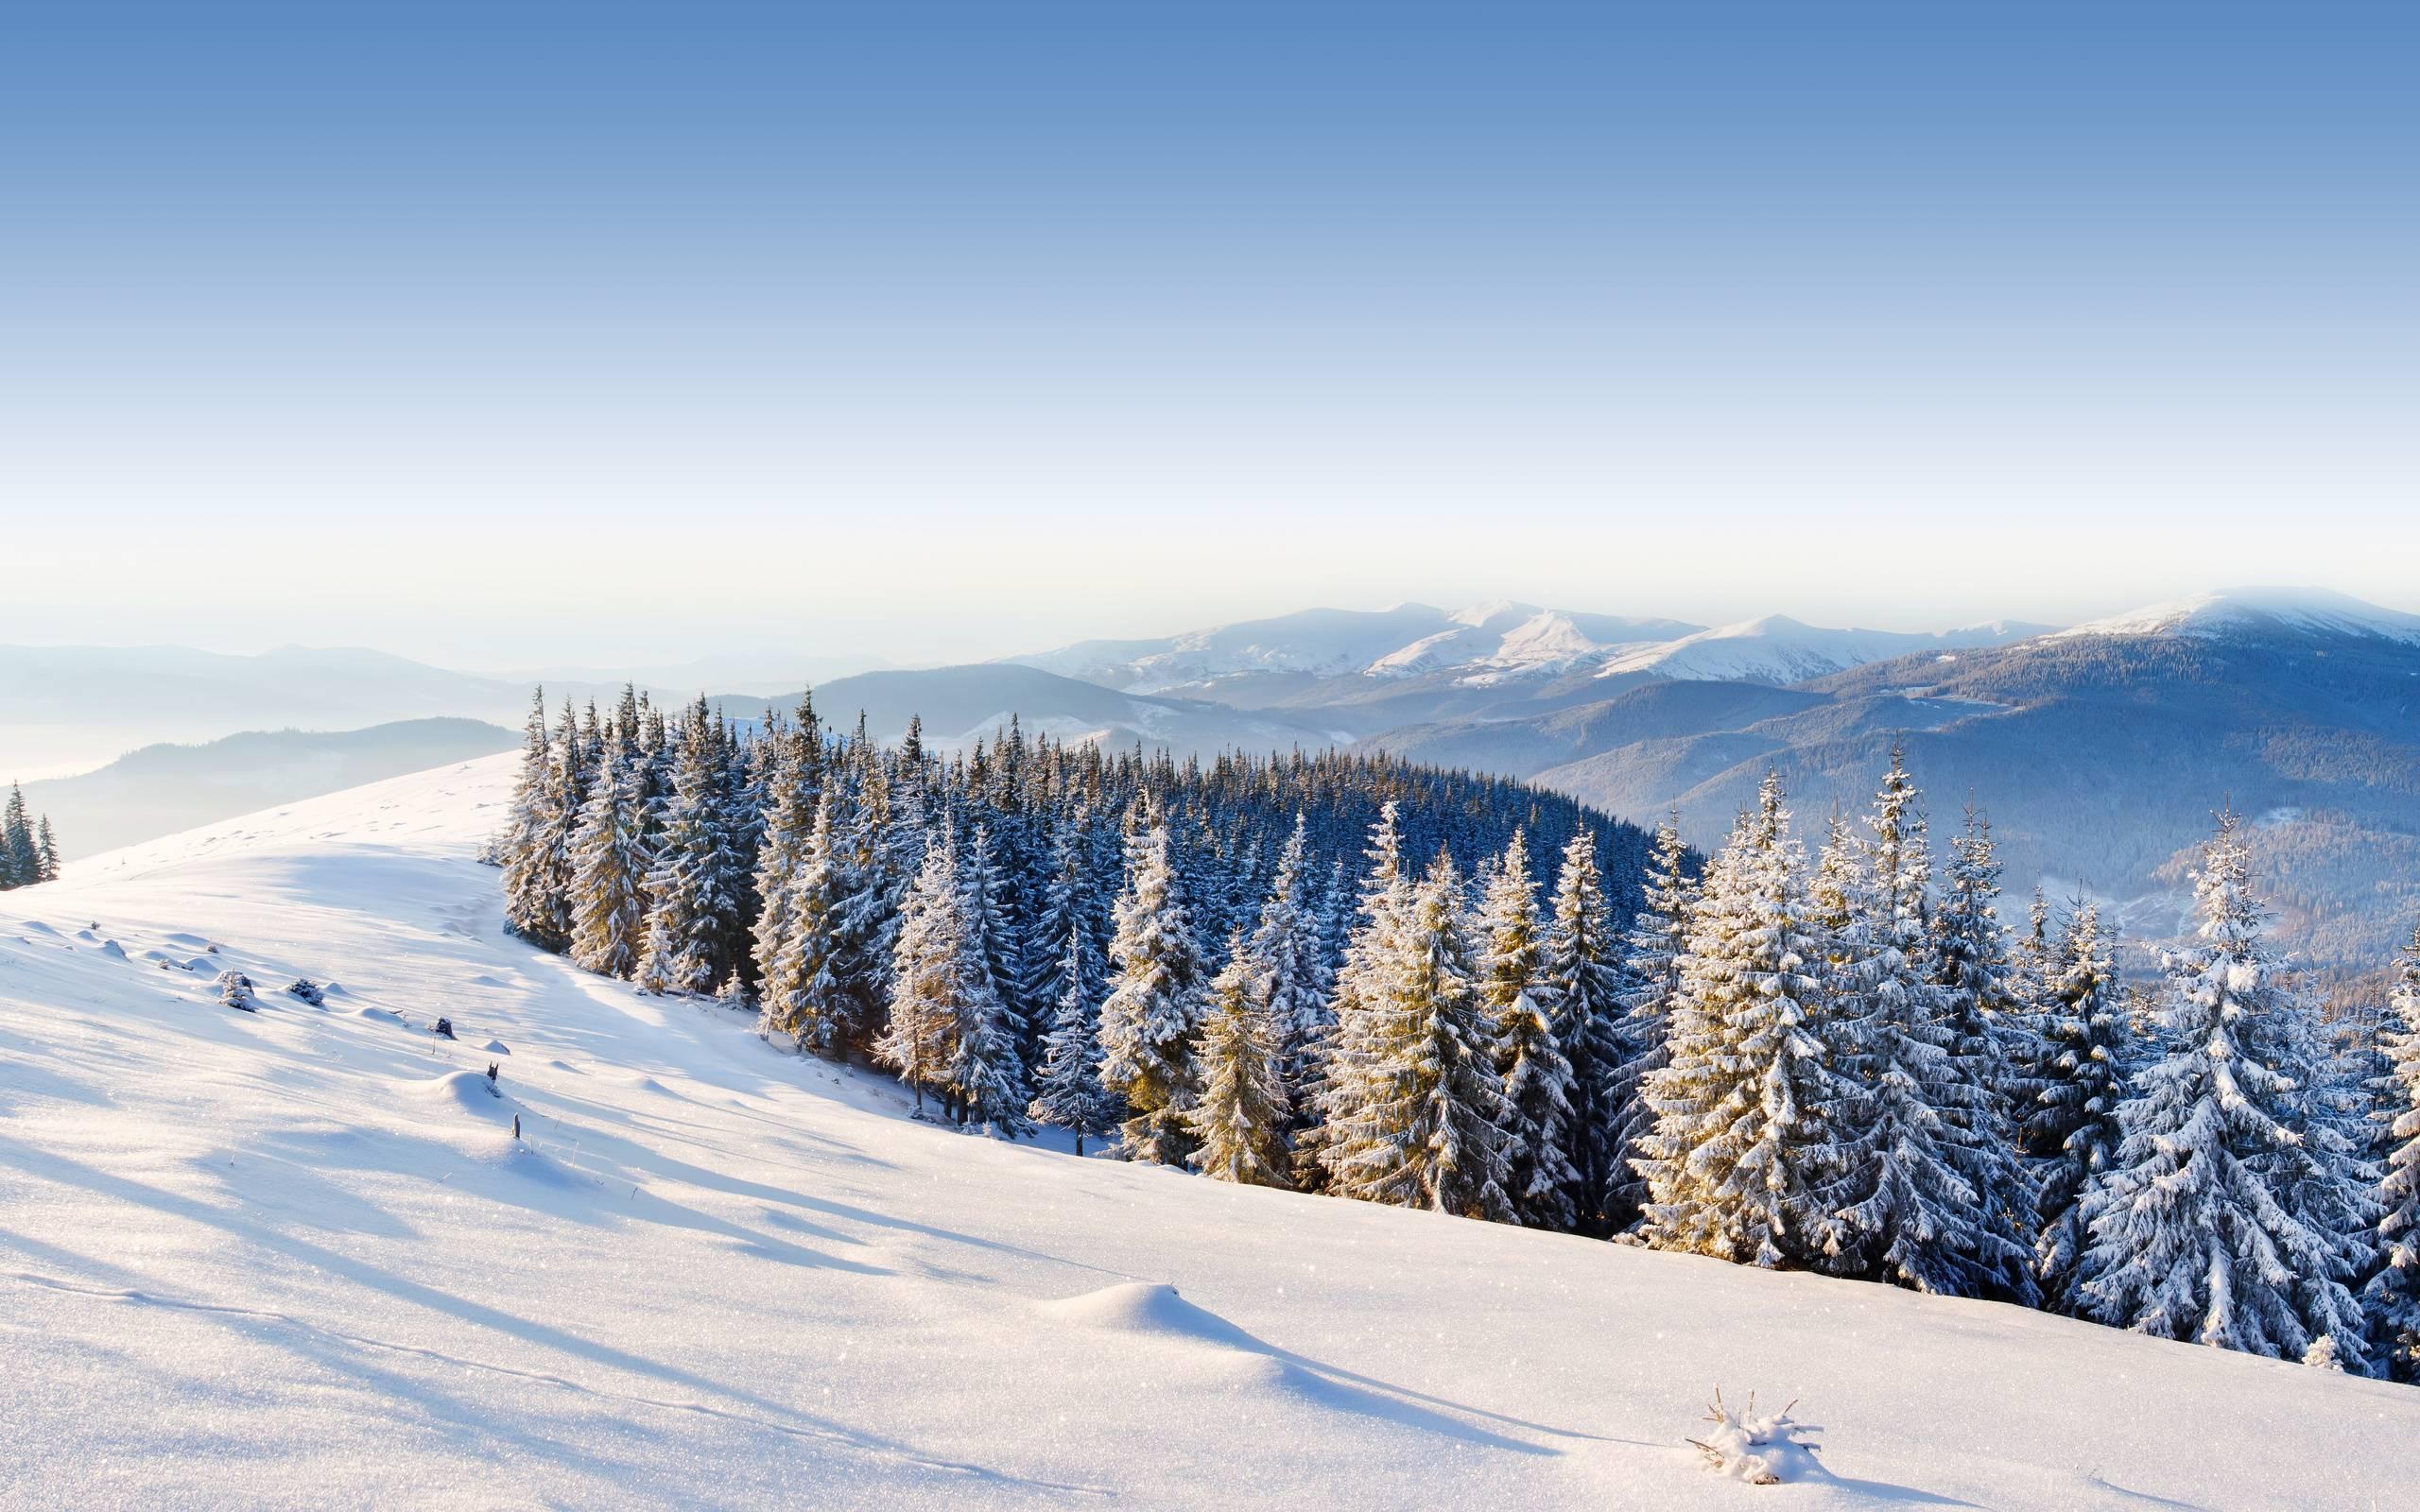 Top Wallpaper Mountain Winter - ZT136cA  Trends_23488.jpg